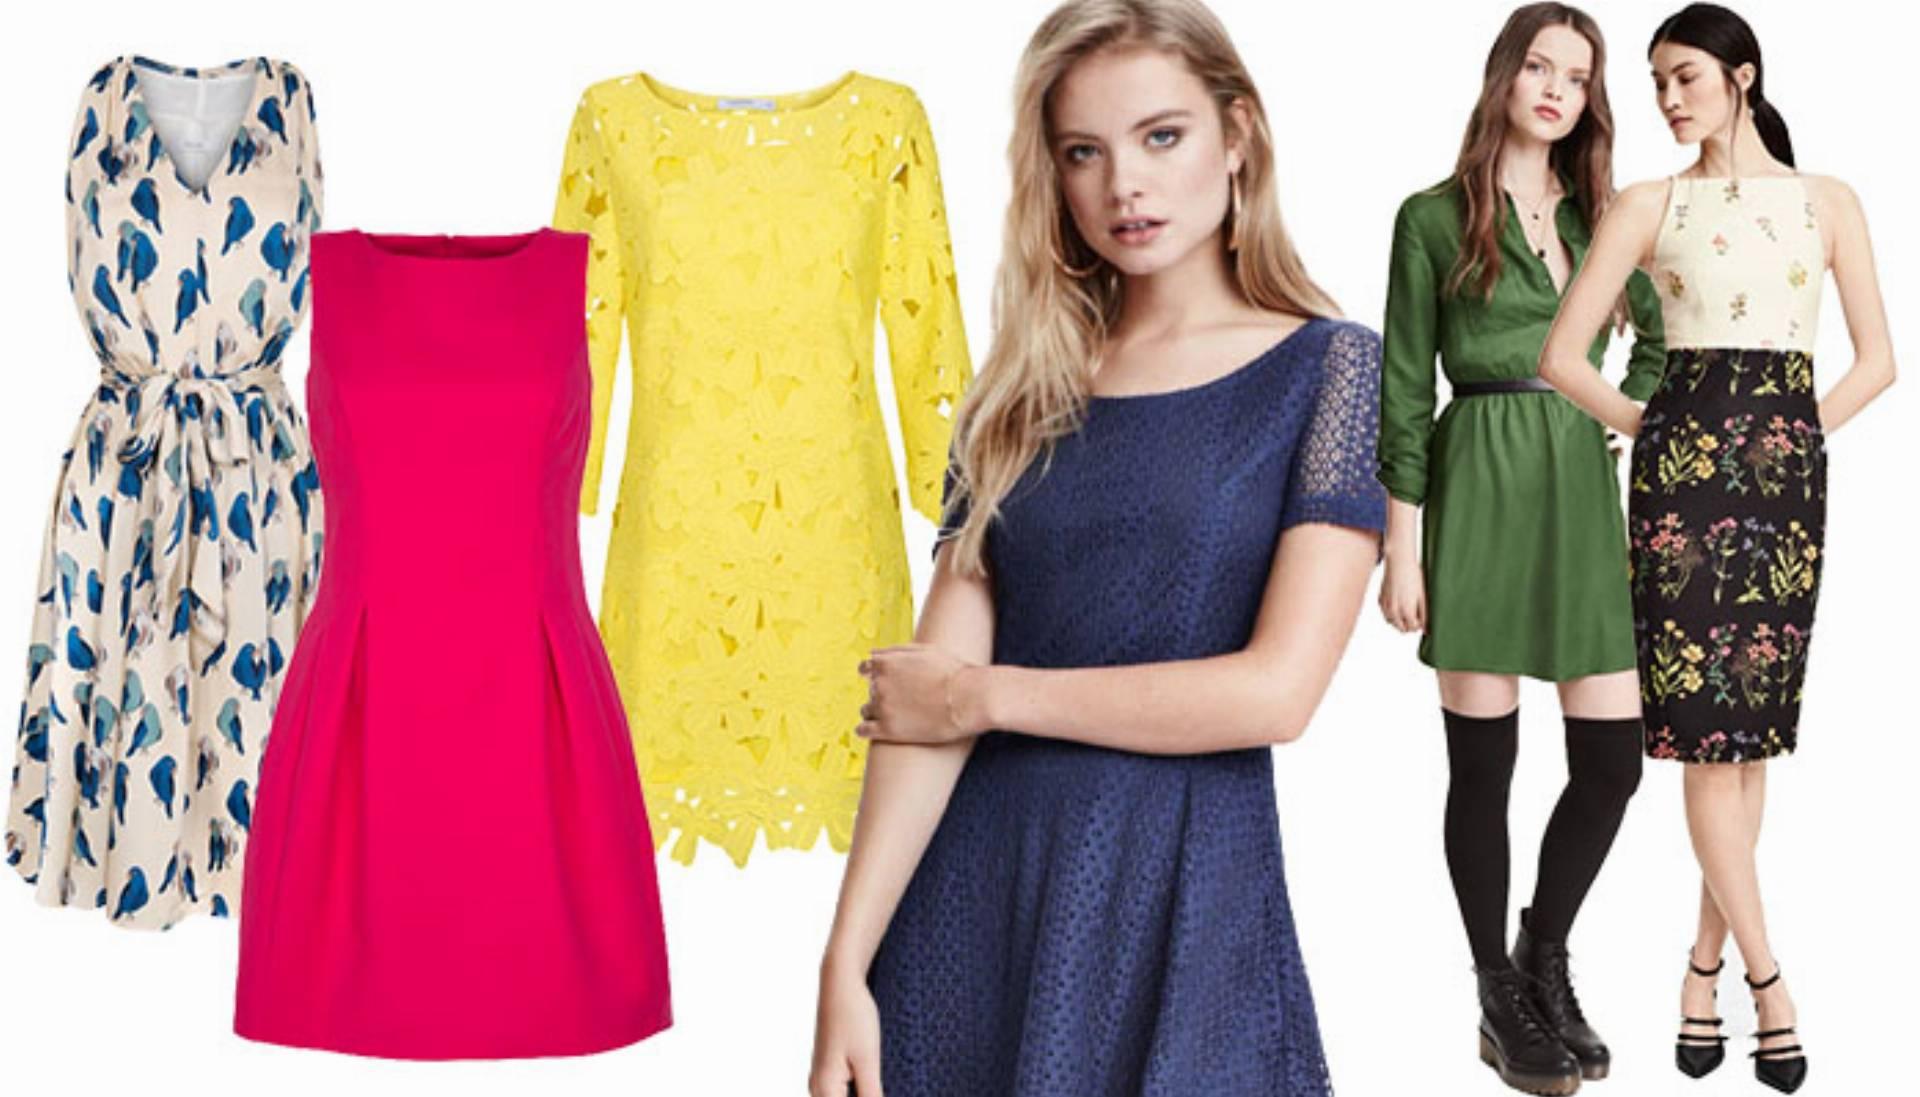 0aa3b87cbe Shoppingowy przegląd  Modne sukienki wiosna 2016 - KobietaMag.pl